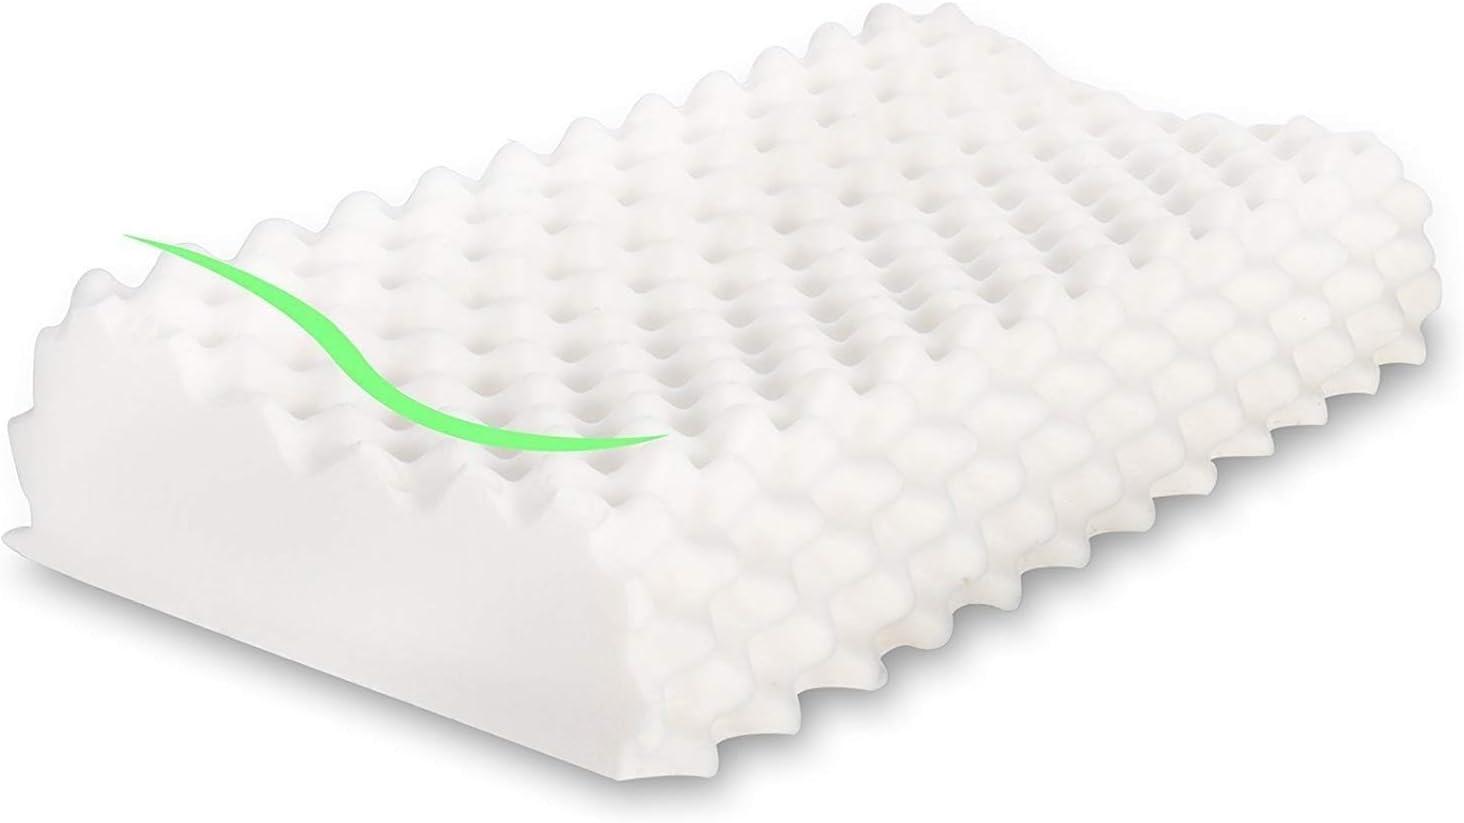 MaxHome Almohada de Látex Natural, Ortopédica y Terapéutica diseñada para reducir dolor de cuello cervical y espalda. Se adapta a la forma del cuello. 58cm x 35cm x 10/12cm